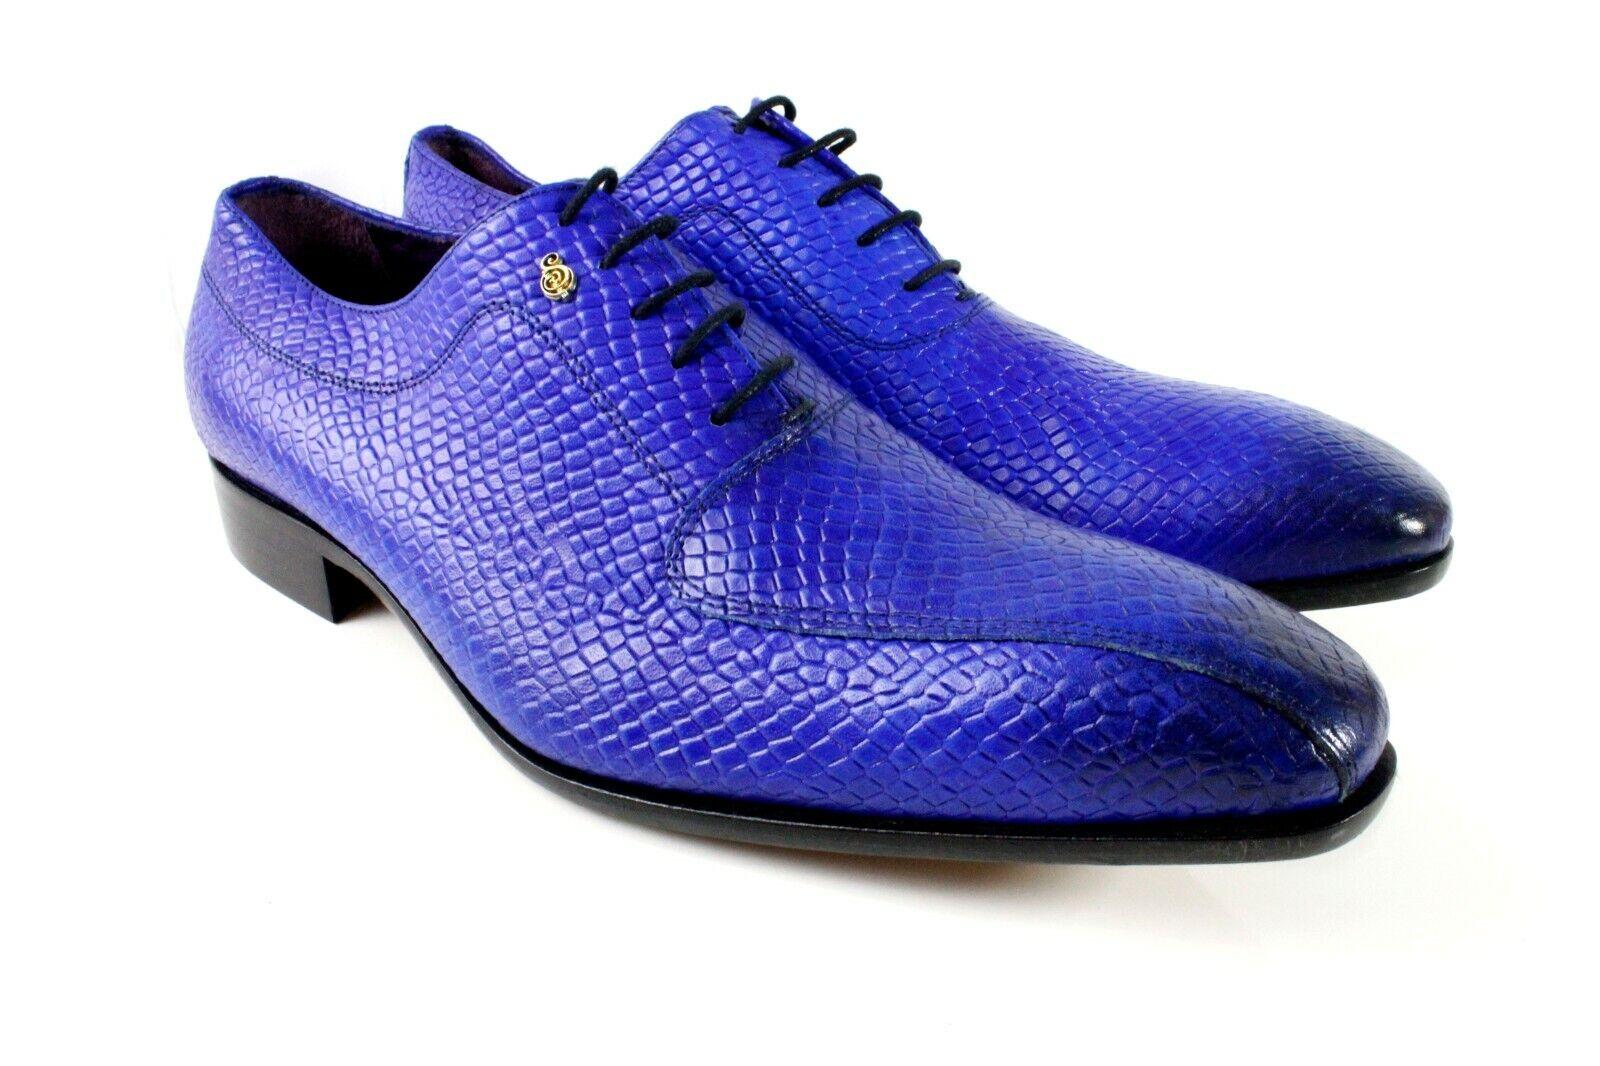 Cocodrilo Azul vestido de cuero italiano Hecho a Mano Hombres Zapatos Oxford Zapatos